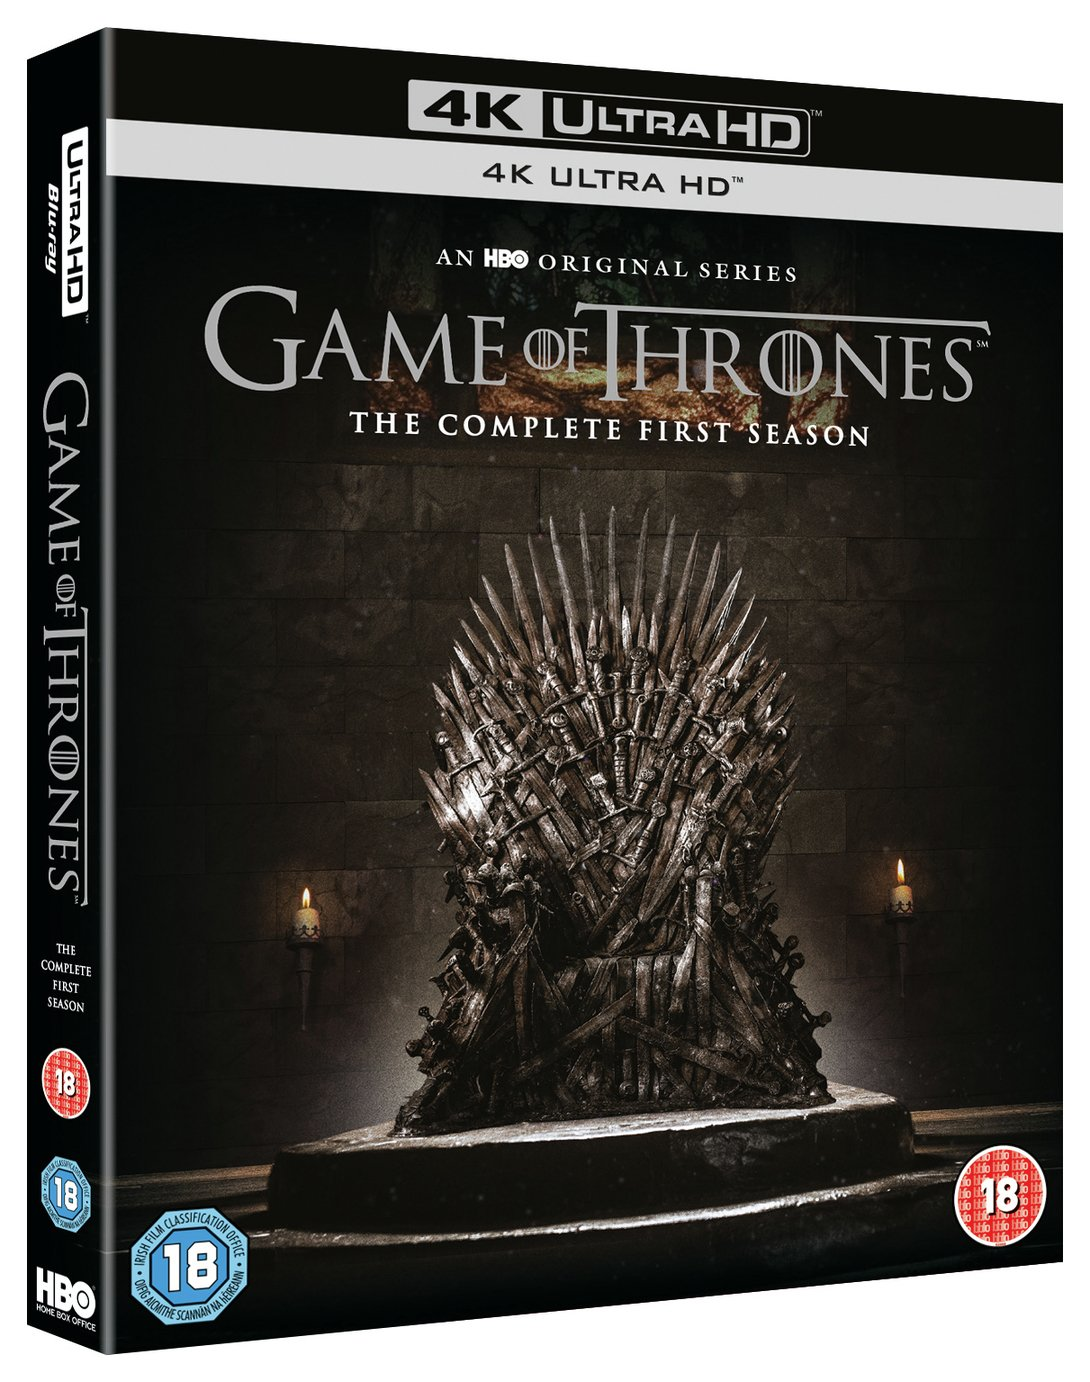 Game of Thrones Season 1 4K UHD Blu-Ray Box Set review